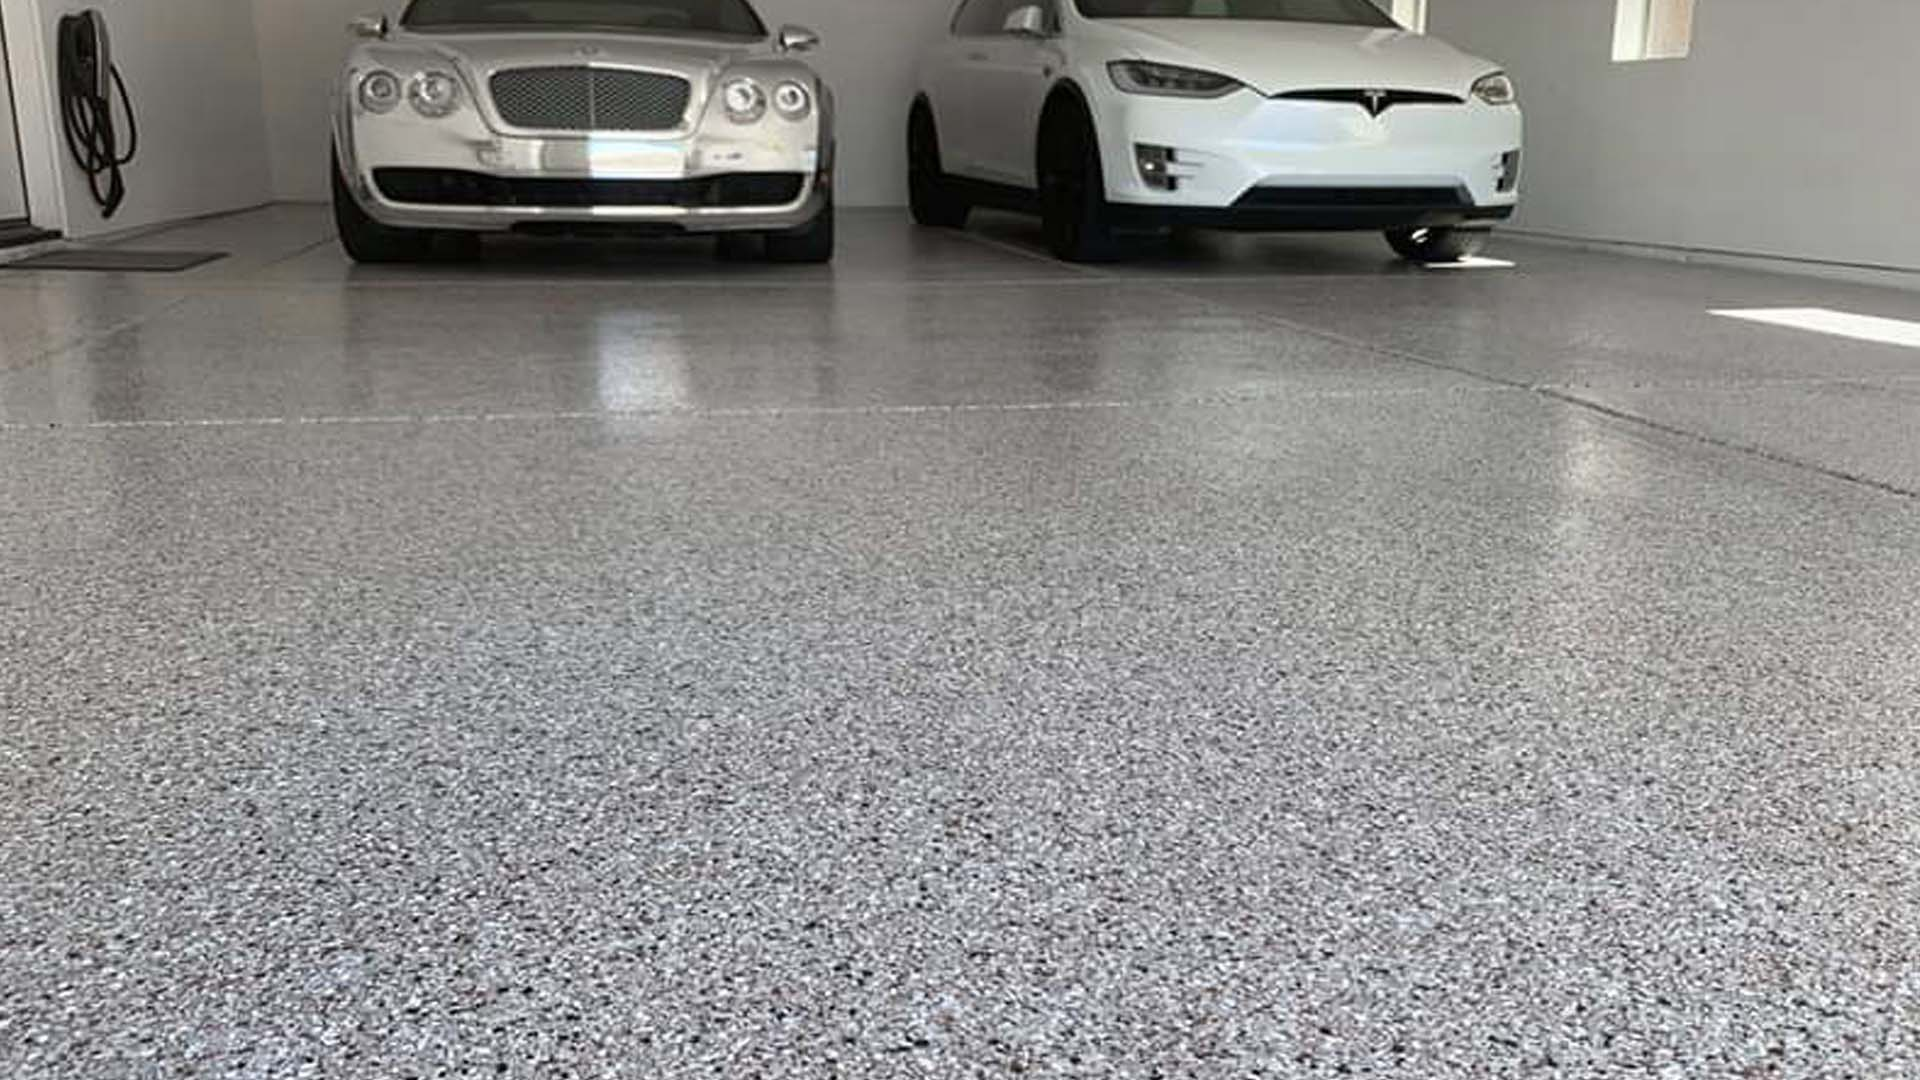 Flake floor in garage Bentley and Tesla -AFTER